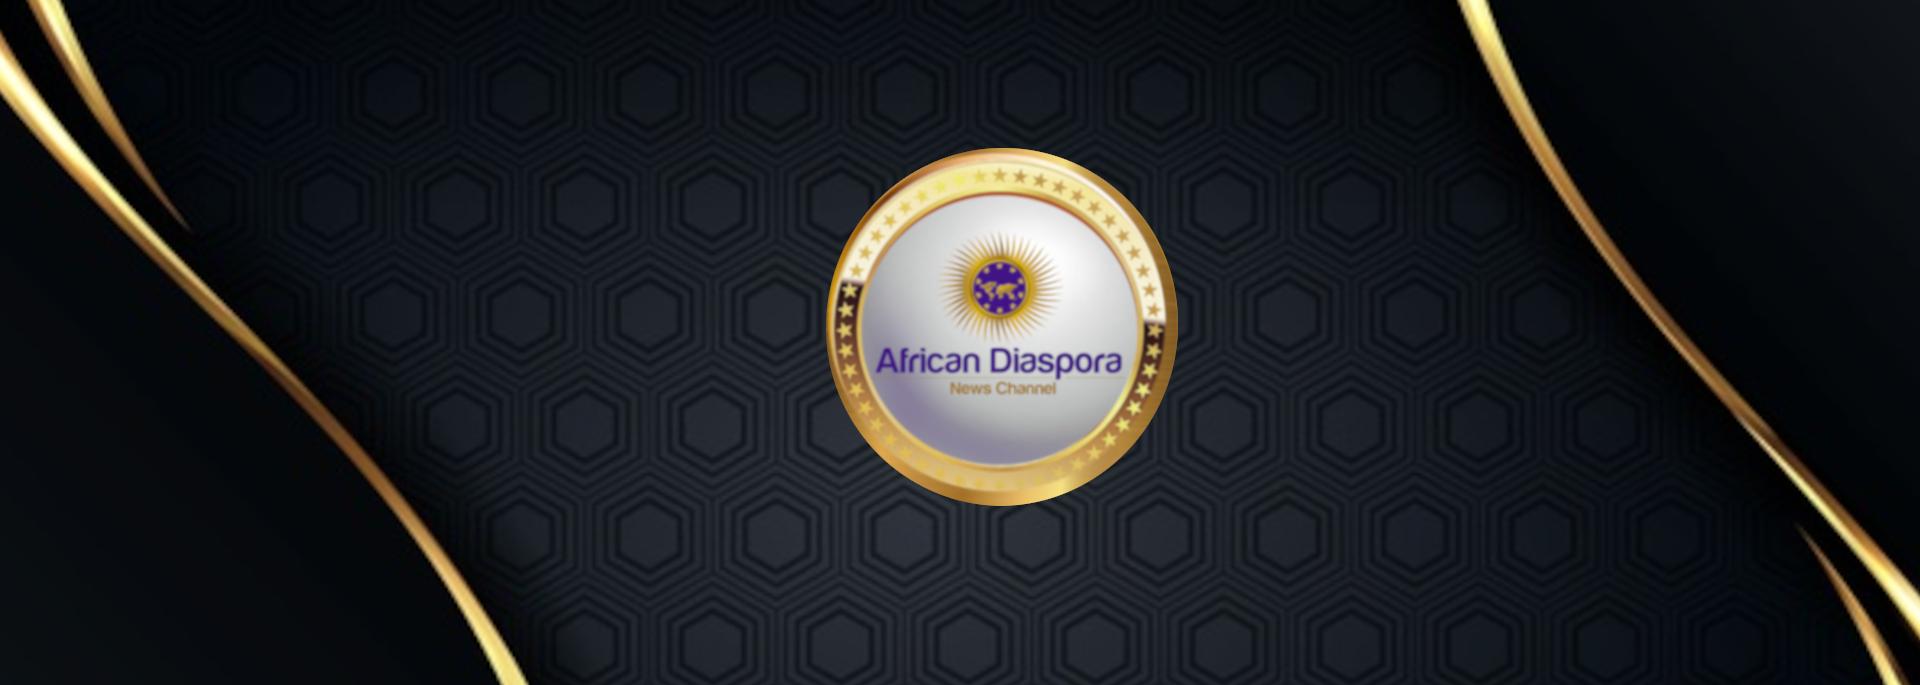 African Diaspora News Channel channel